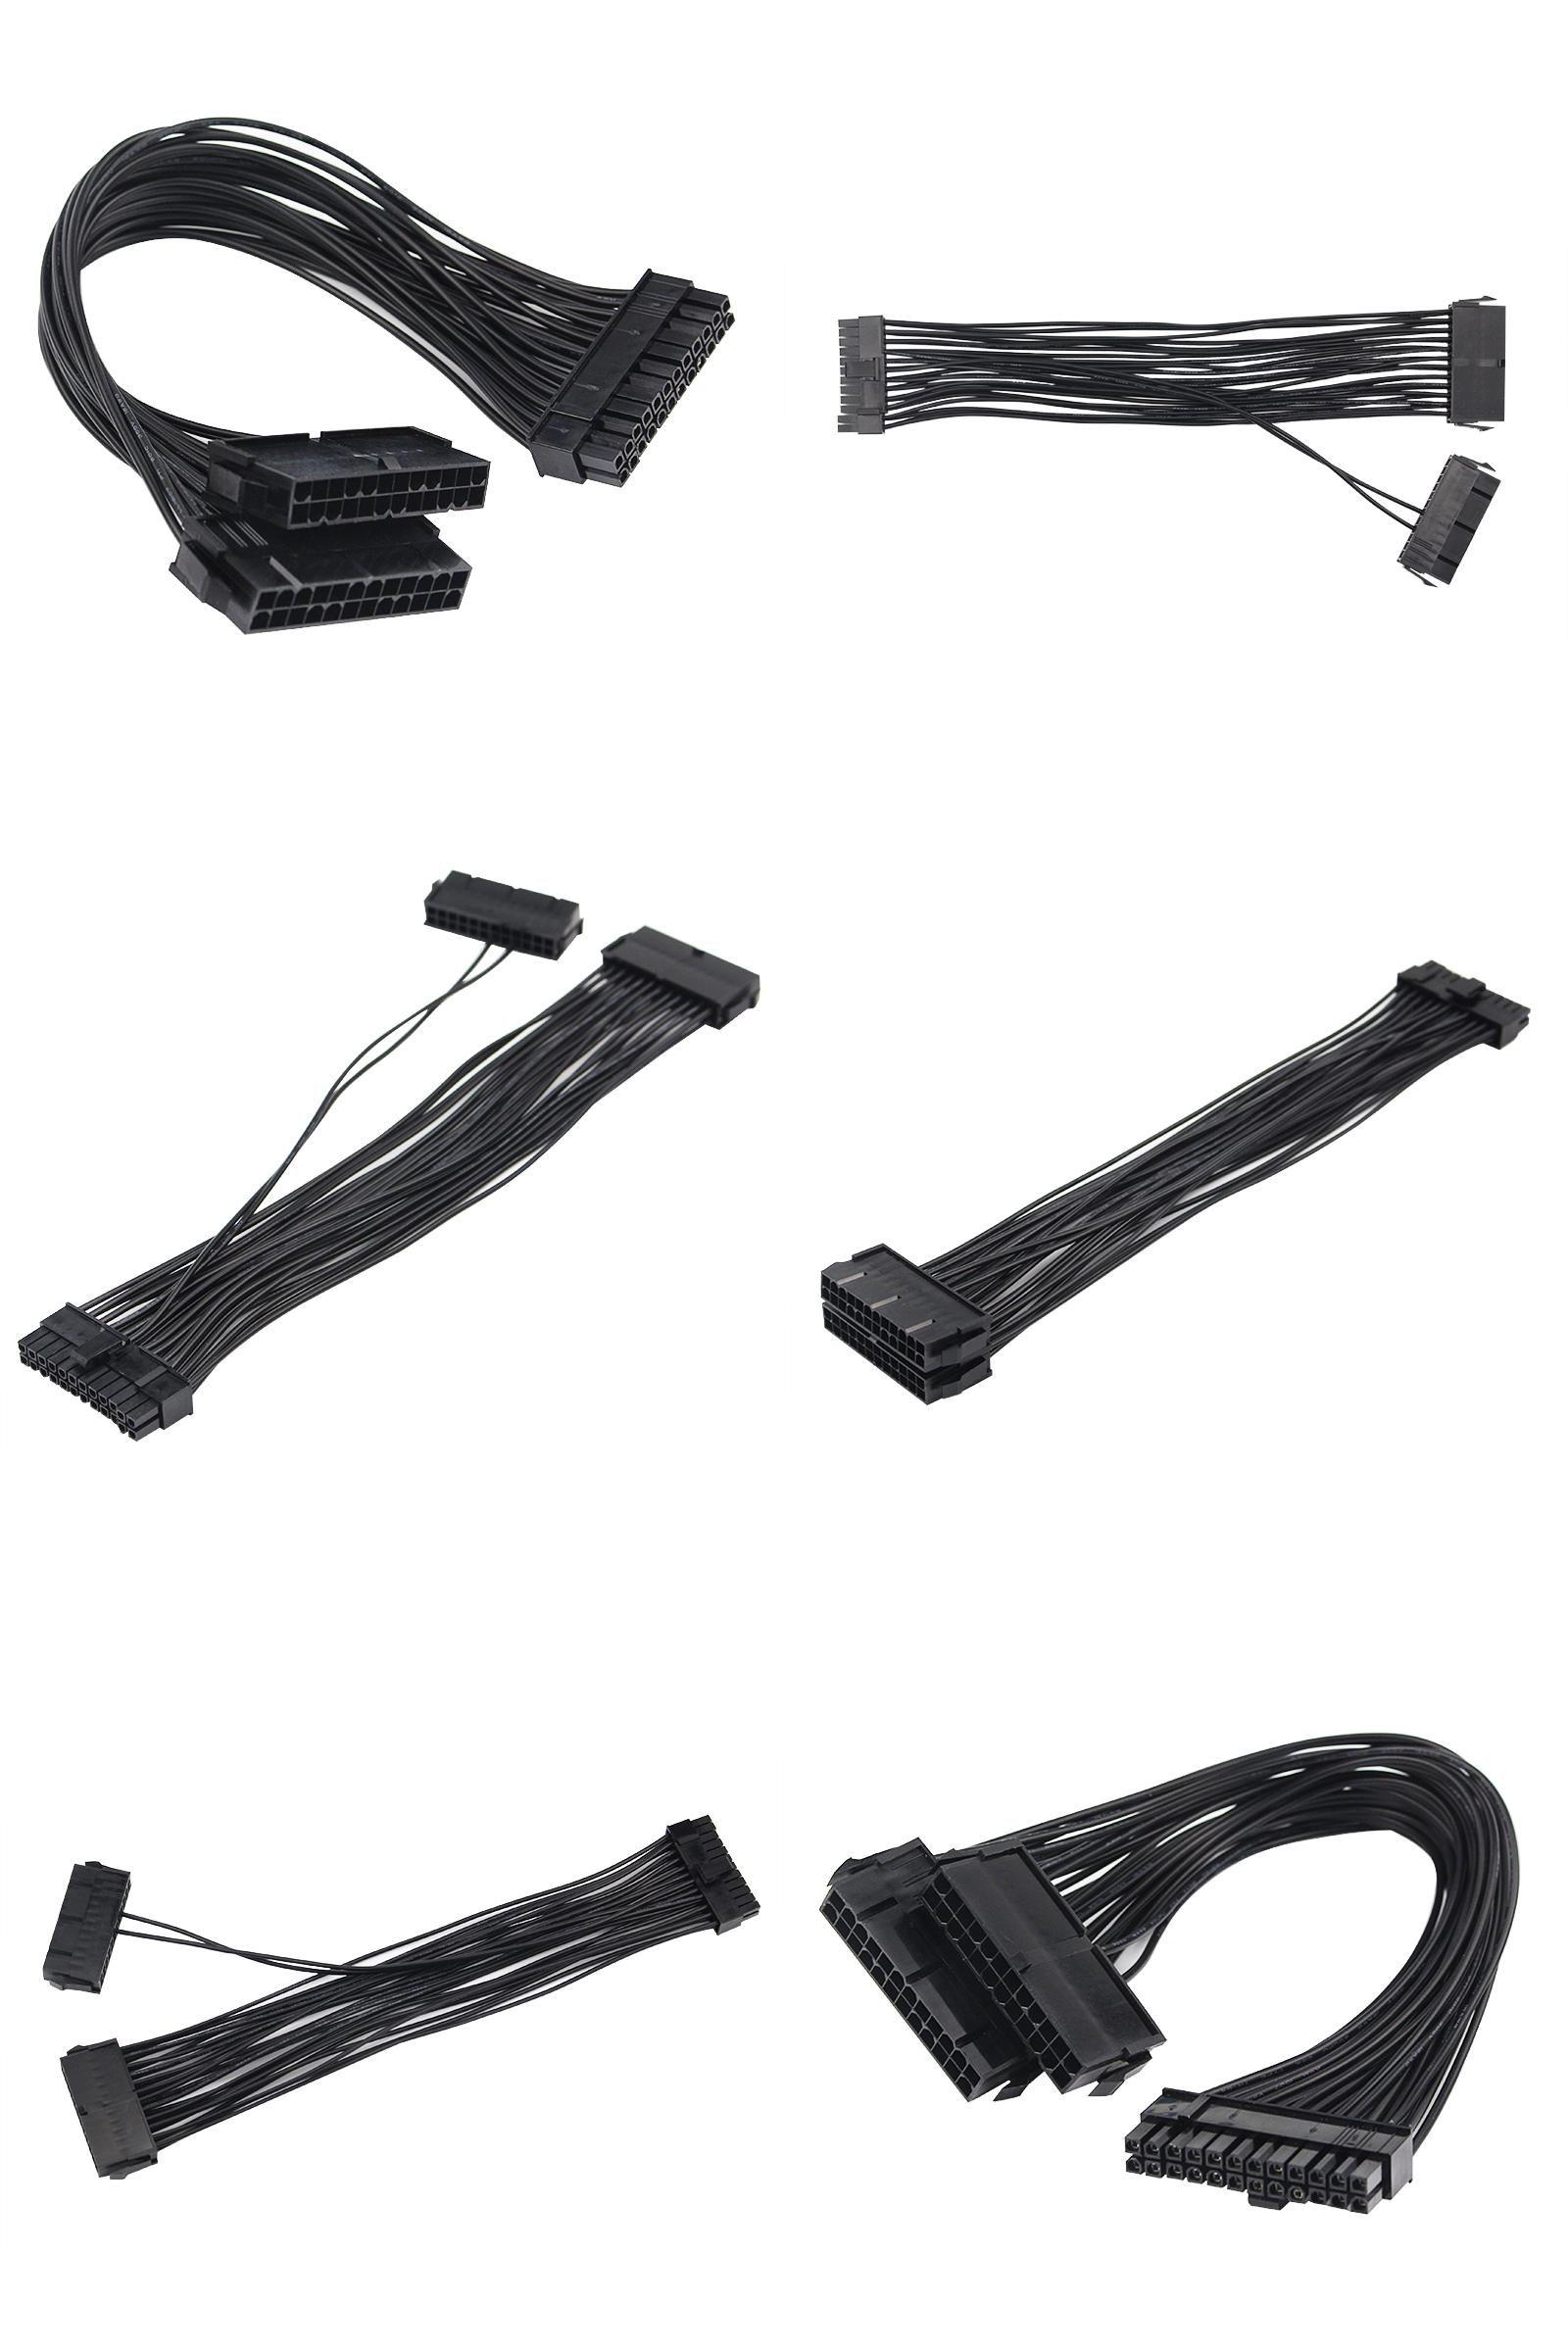 Visit To Buy Atx 30cm 24 Pin Dual Psu Power Supply